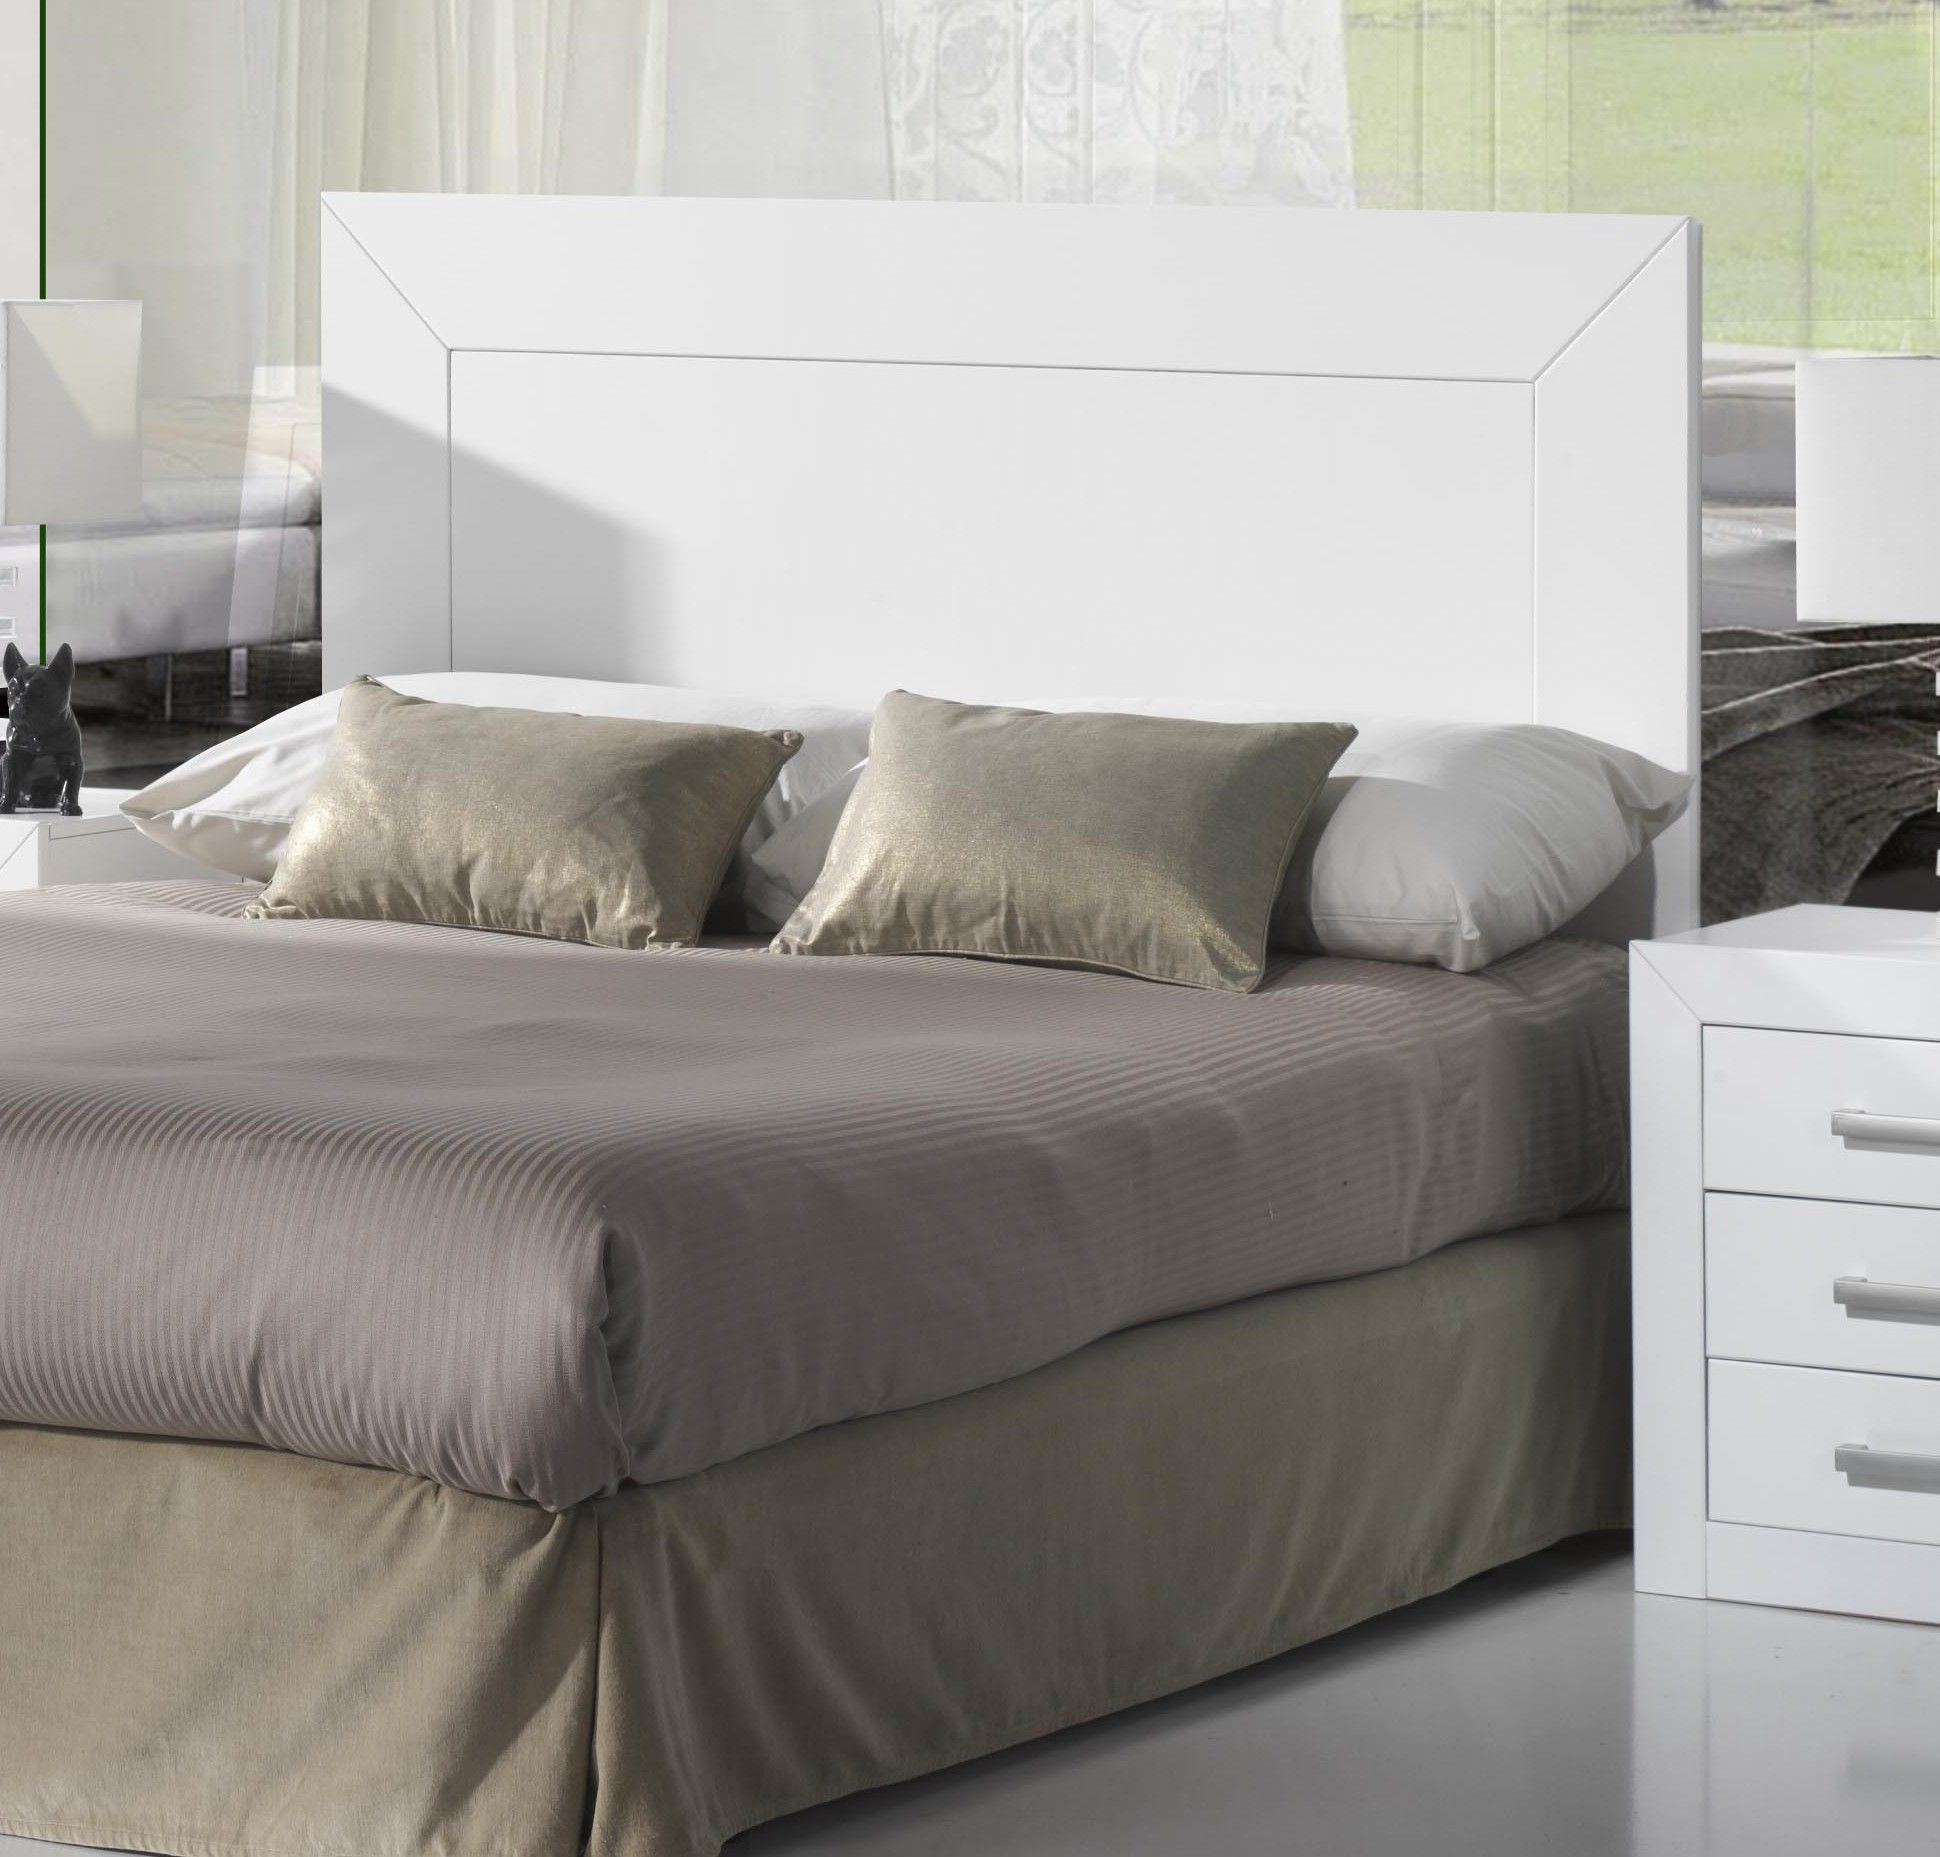 Cabecero De 135cm Fabricado En Mdf Color Lacado Blanco Se Trata  # Muebles Lufe Instrucciones